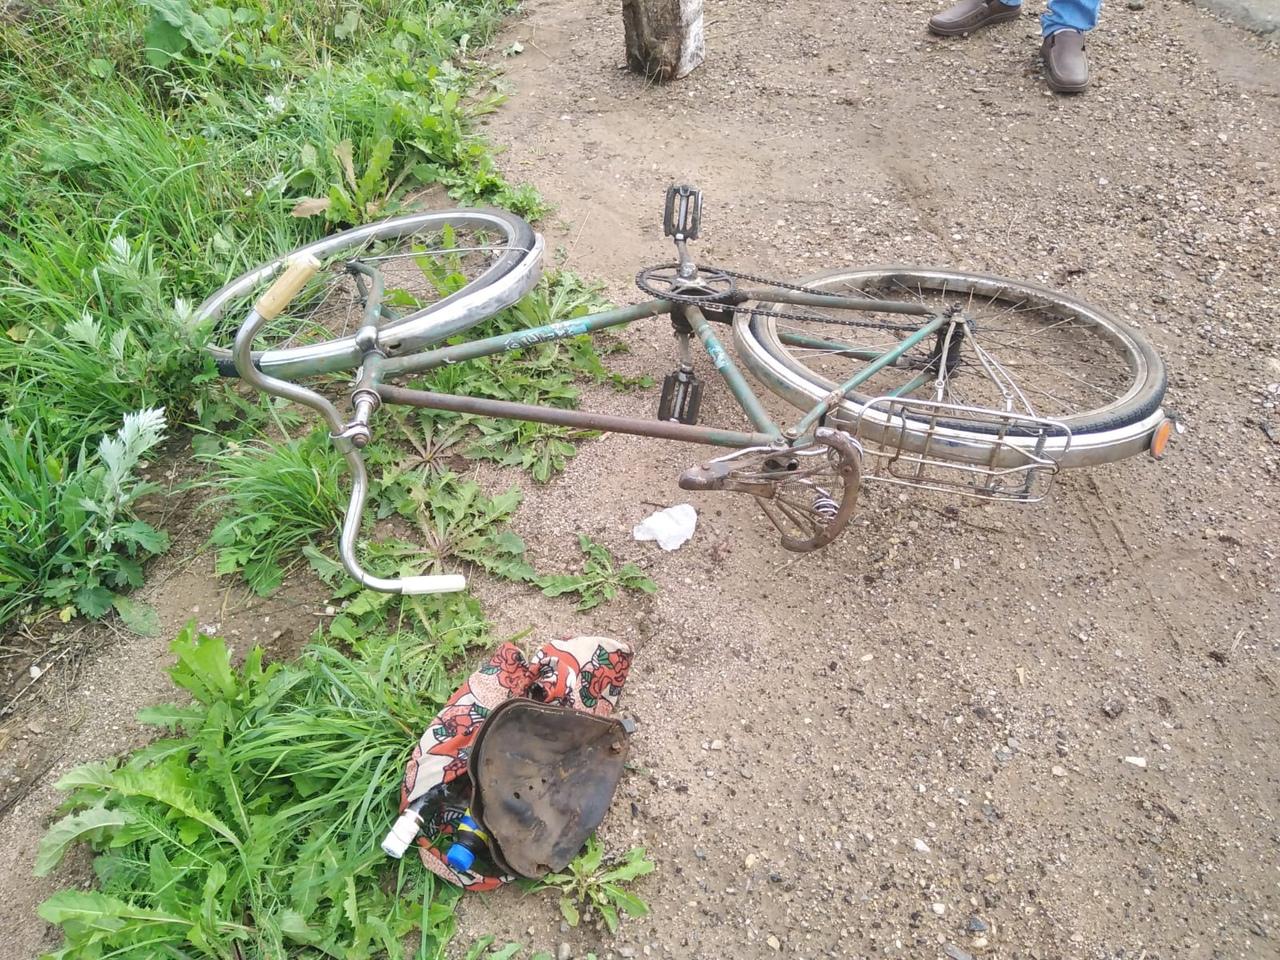 81-летний велосипедист вилял по дороге и попал в ДТП в Тверской области